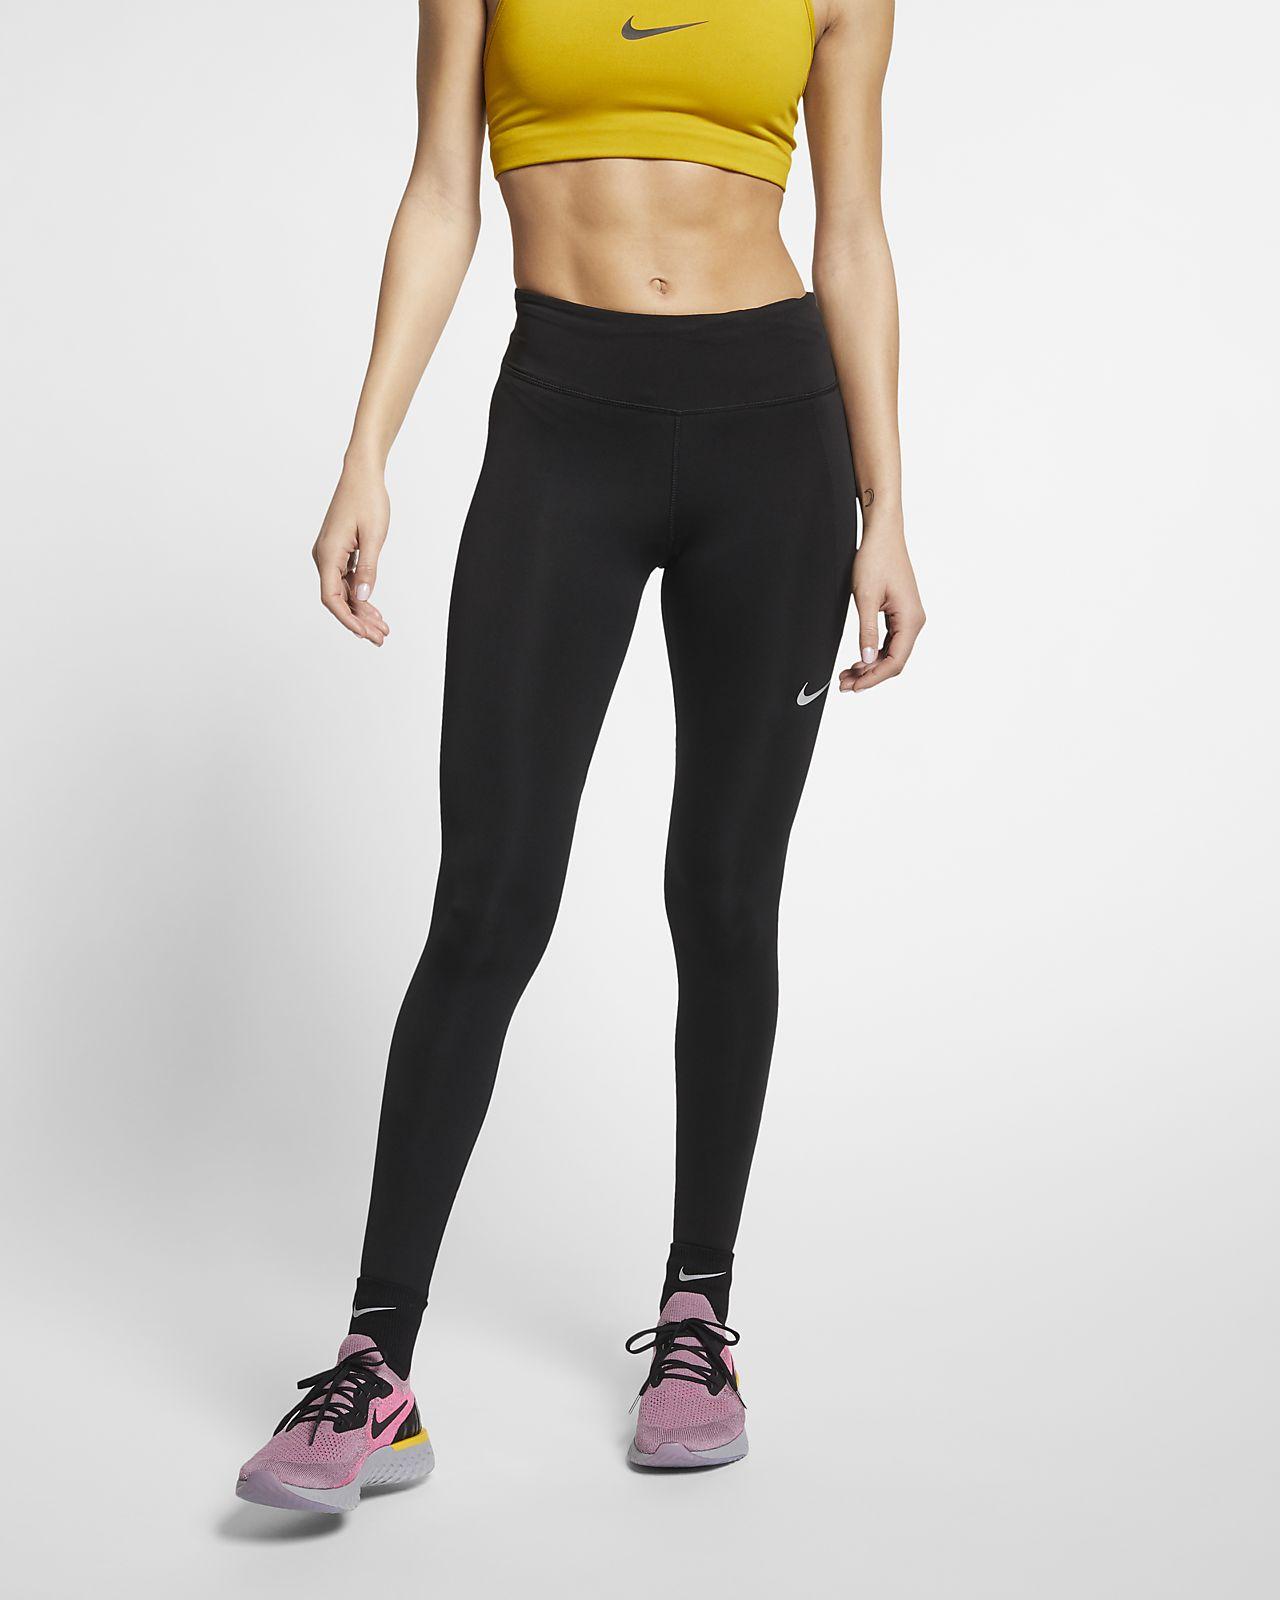 Löpartights Nike Fast för kvinnor